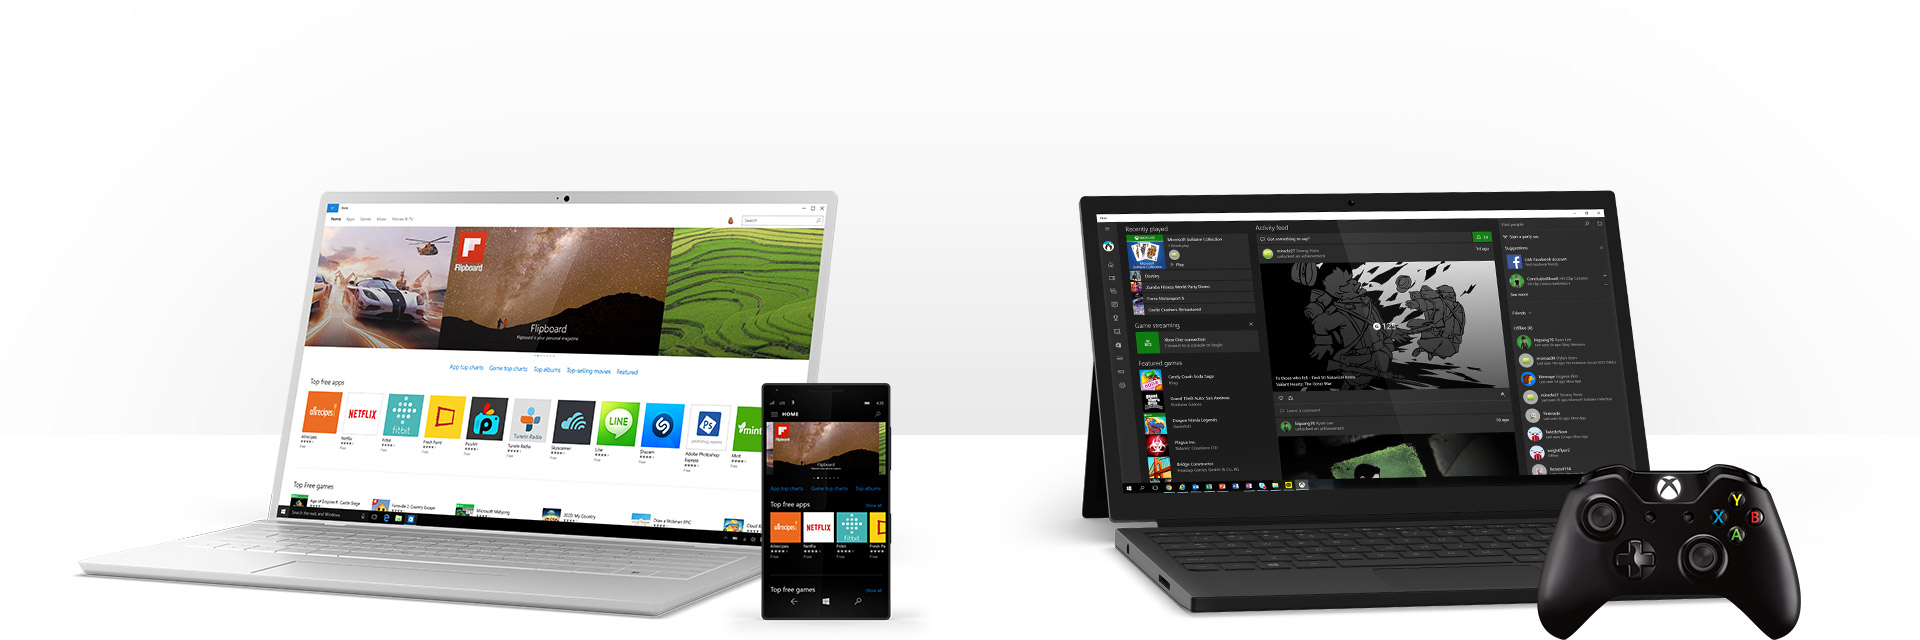 Een Windows 10-pc met afgebeeld apps in de Windows Store en een Windows 10-pc met de Xbox-app in Windows en een Xbox-controller